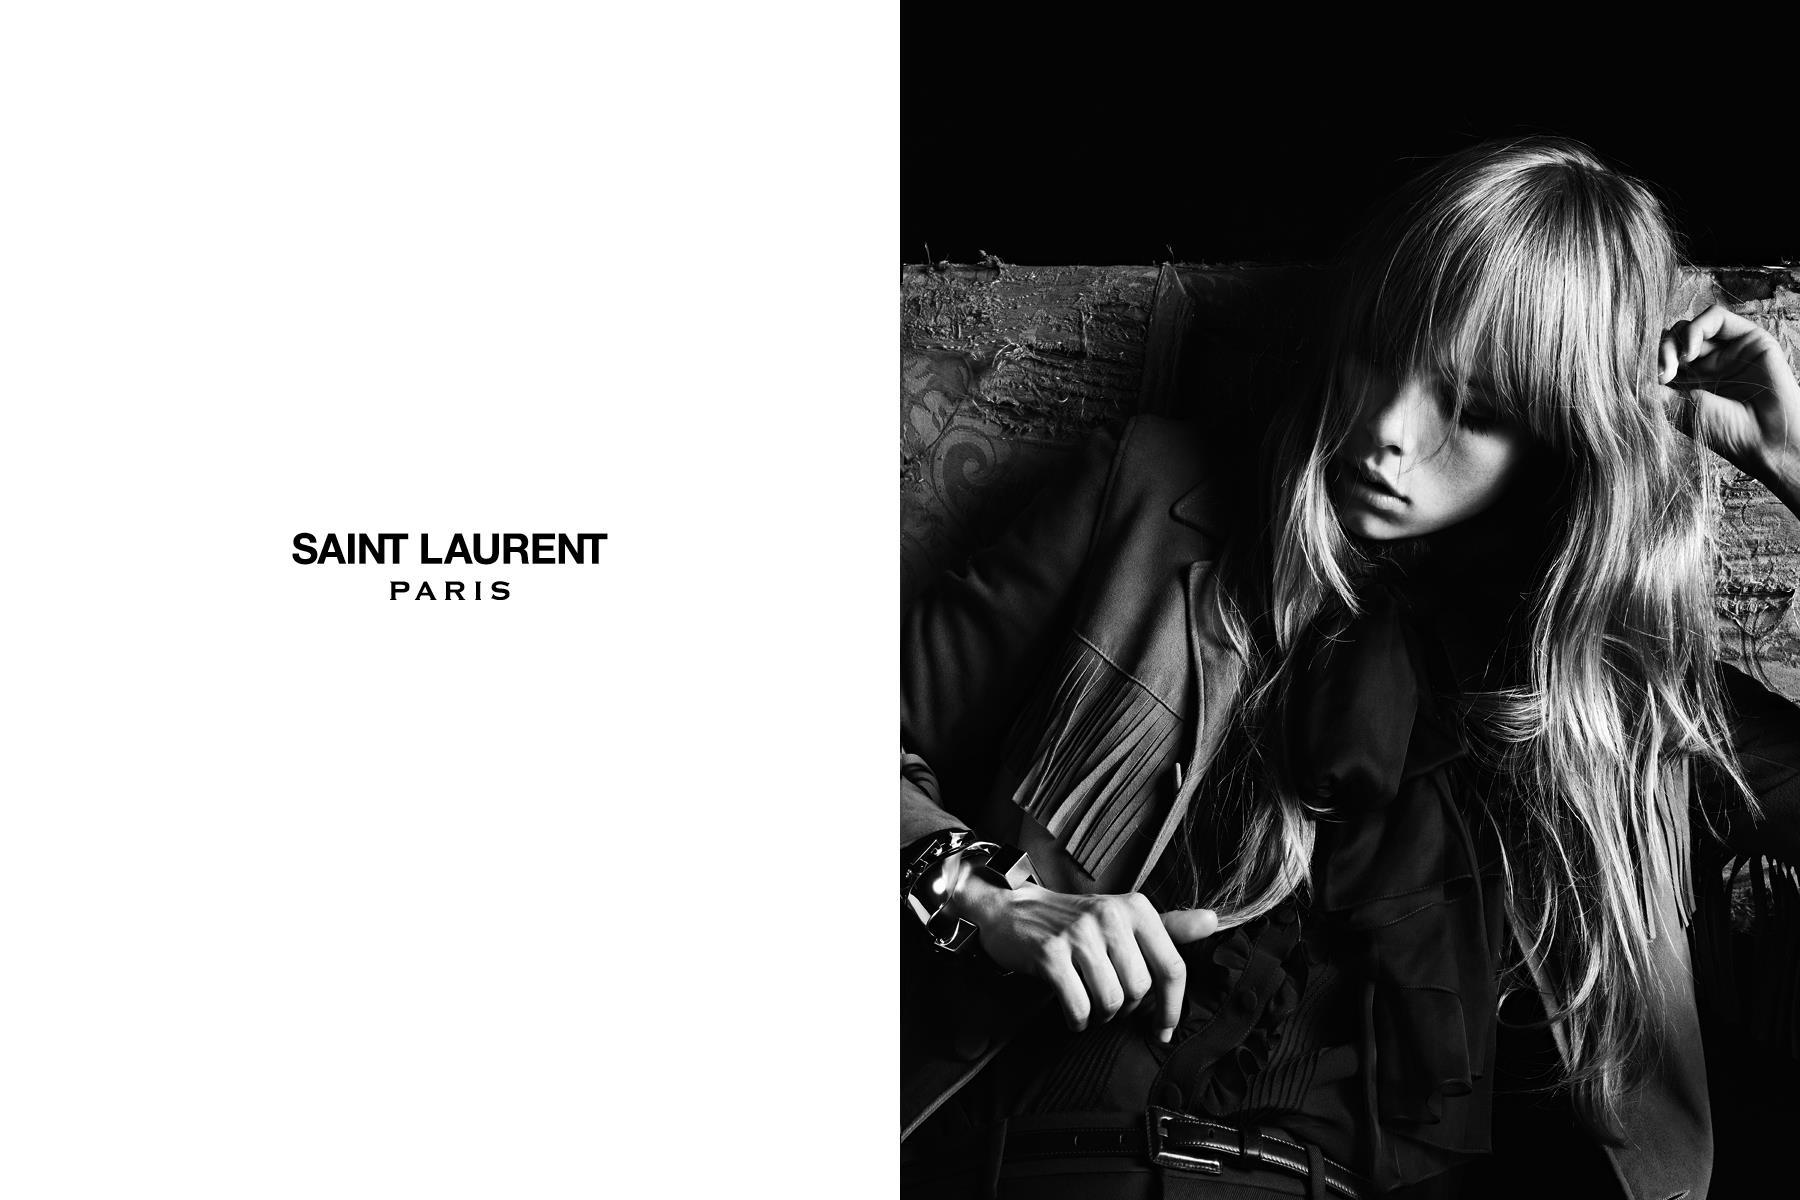 Saint Laurent SpringSummer 2013 Campaign